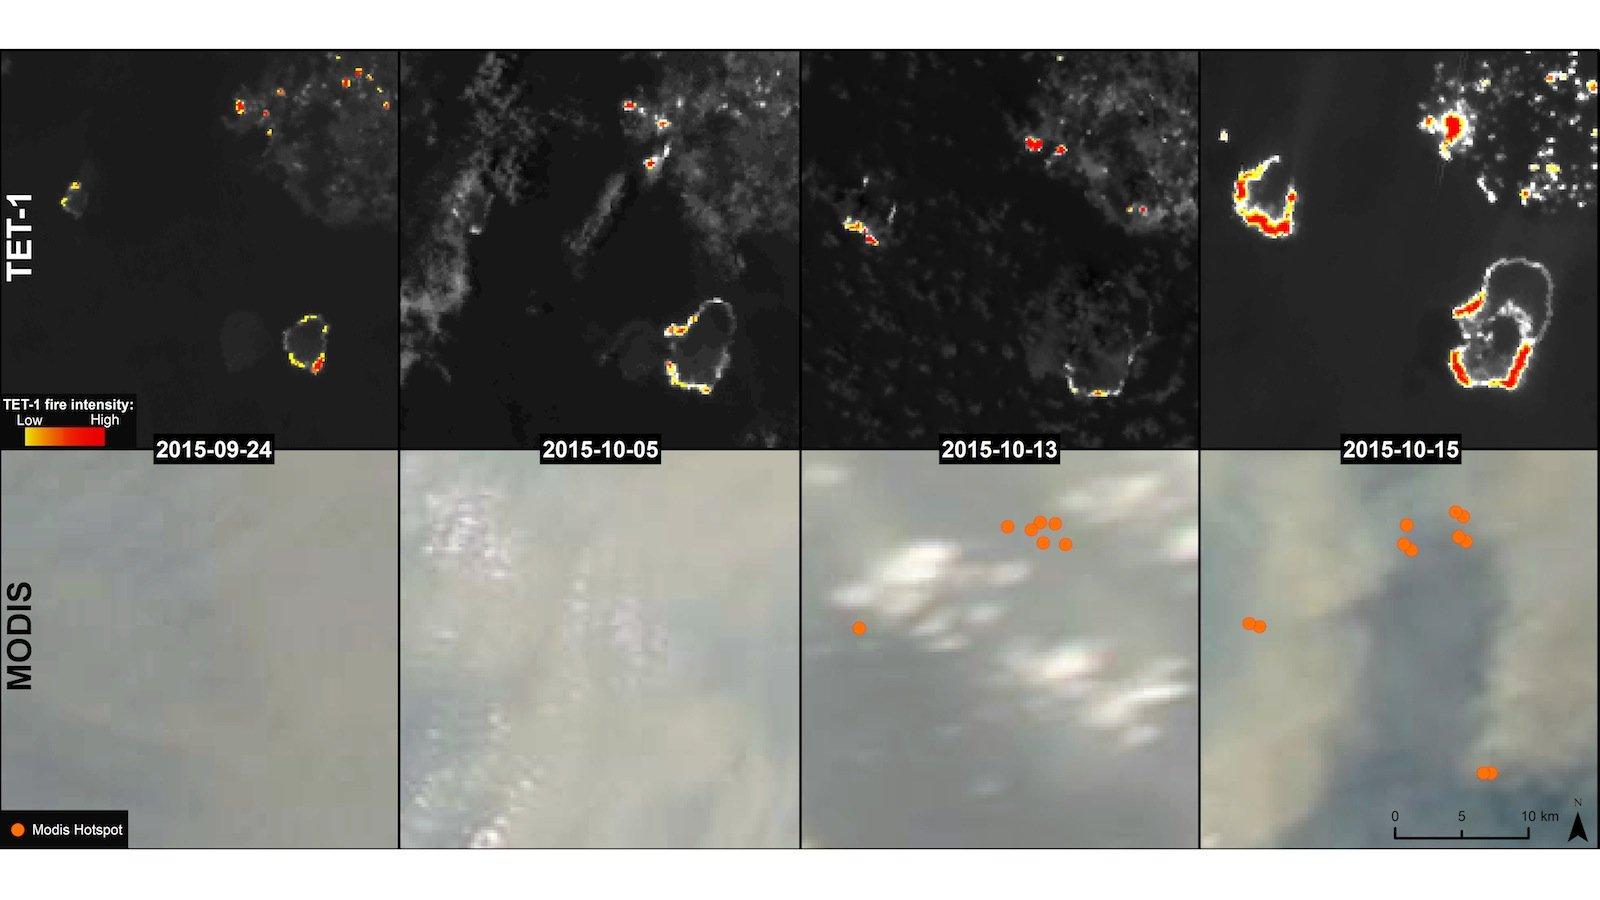 Zeitreihen können helfen, den Ursprung eines Brandes zu bestimmen und seine Ausbreitung abzuschätzen. Das Bild zeigt die Verbreitung von Torfbränden im Sebangau Nationalpark auf Borneo übe einen Zeitraum von f´drei Wochen. Oben die Bilder, die der DLR-Satellit TET gemacht hat, unten die des Modus-Instruments der Nasa.